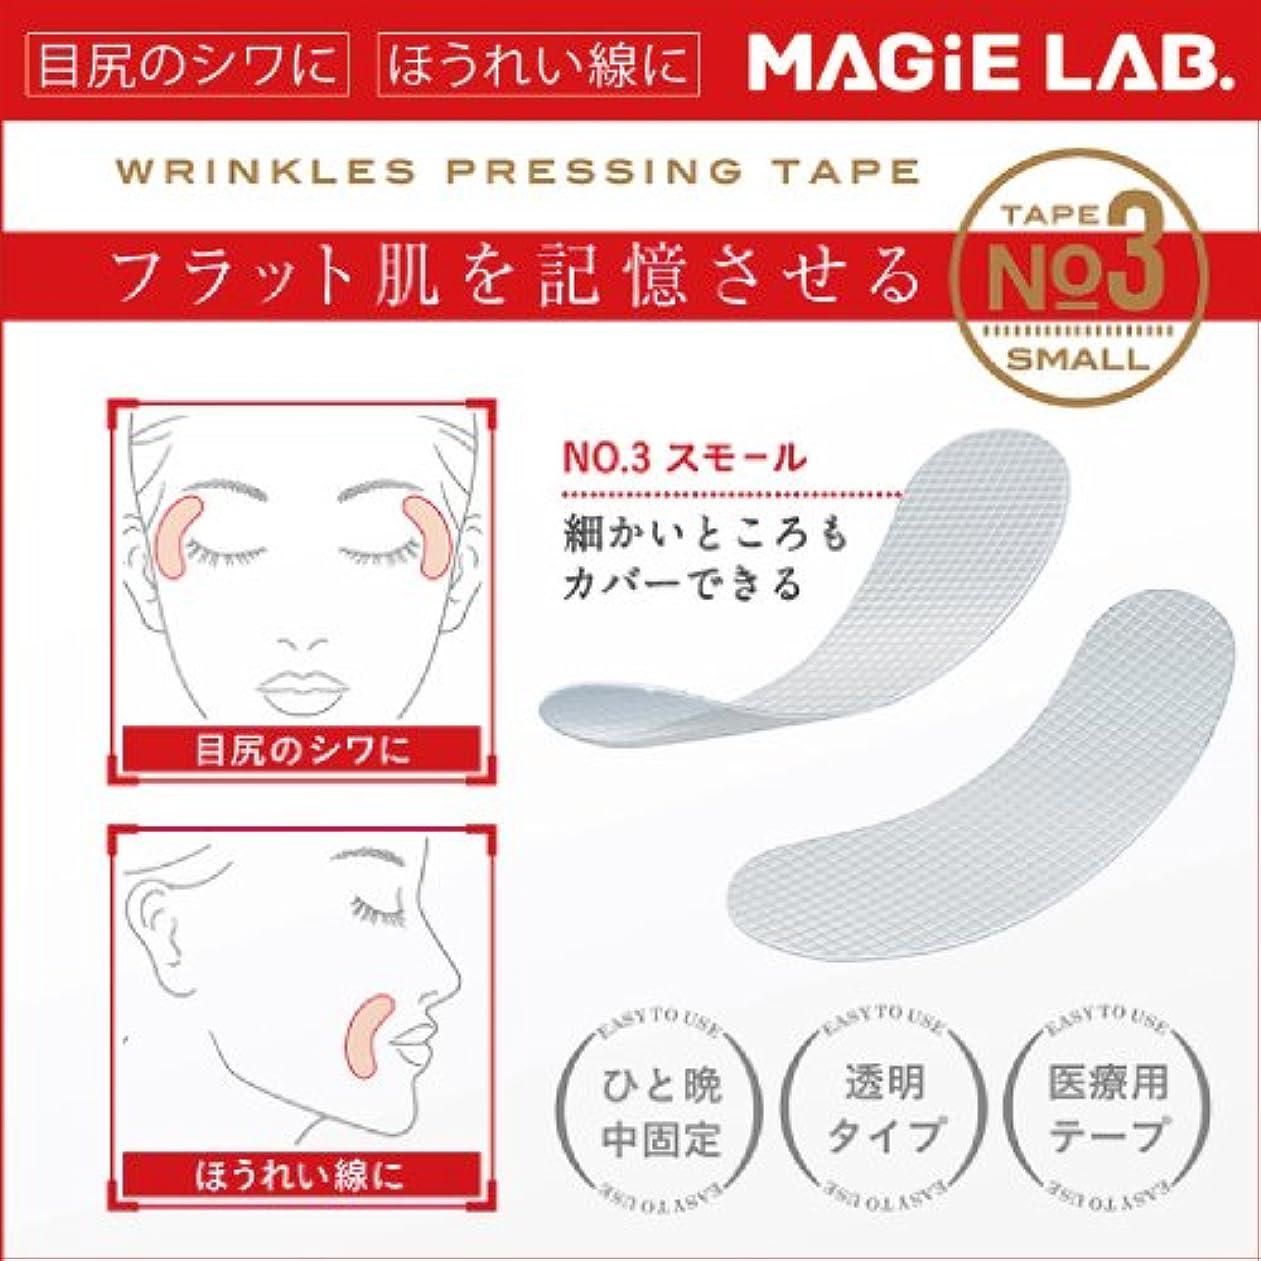 シートなぜなら浴室MAGiE LAB.(マジラボ) 細かいところもカバー お休み中のしわ伸ばしテープ No.3スモールタイプ MG22117